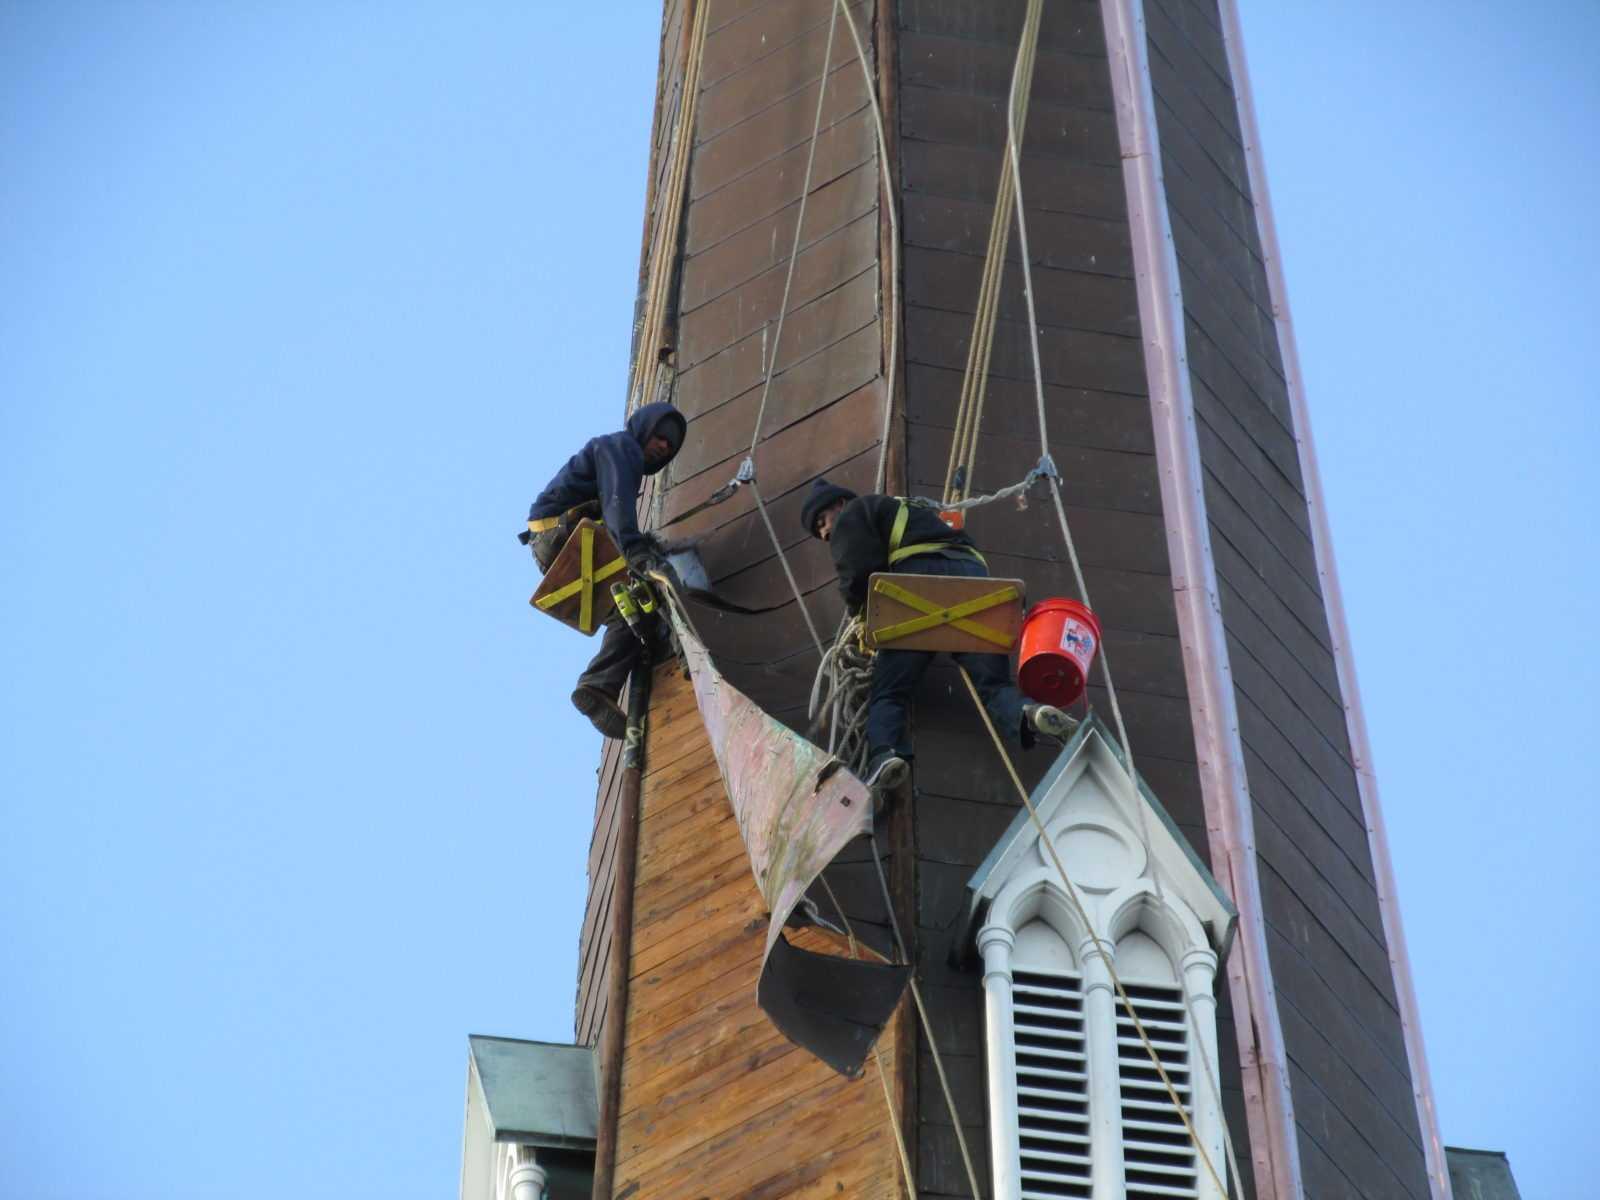 Repairing etal steeple